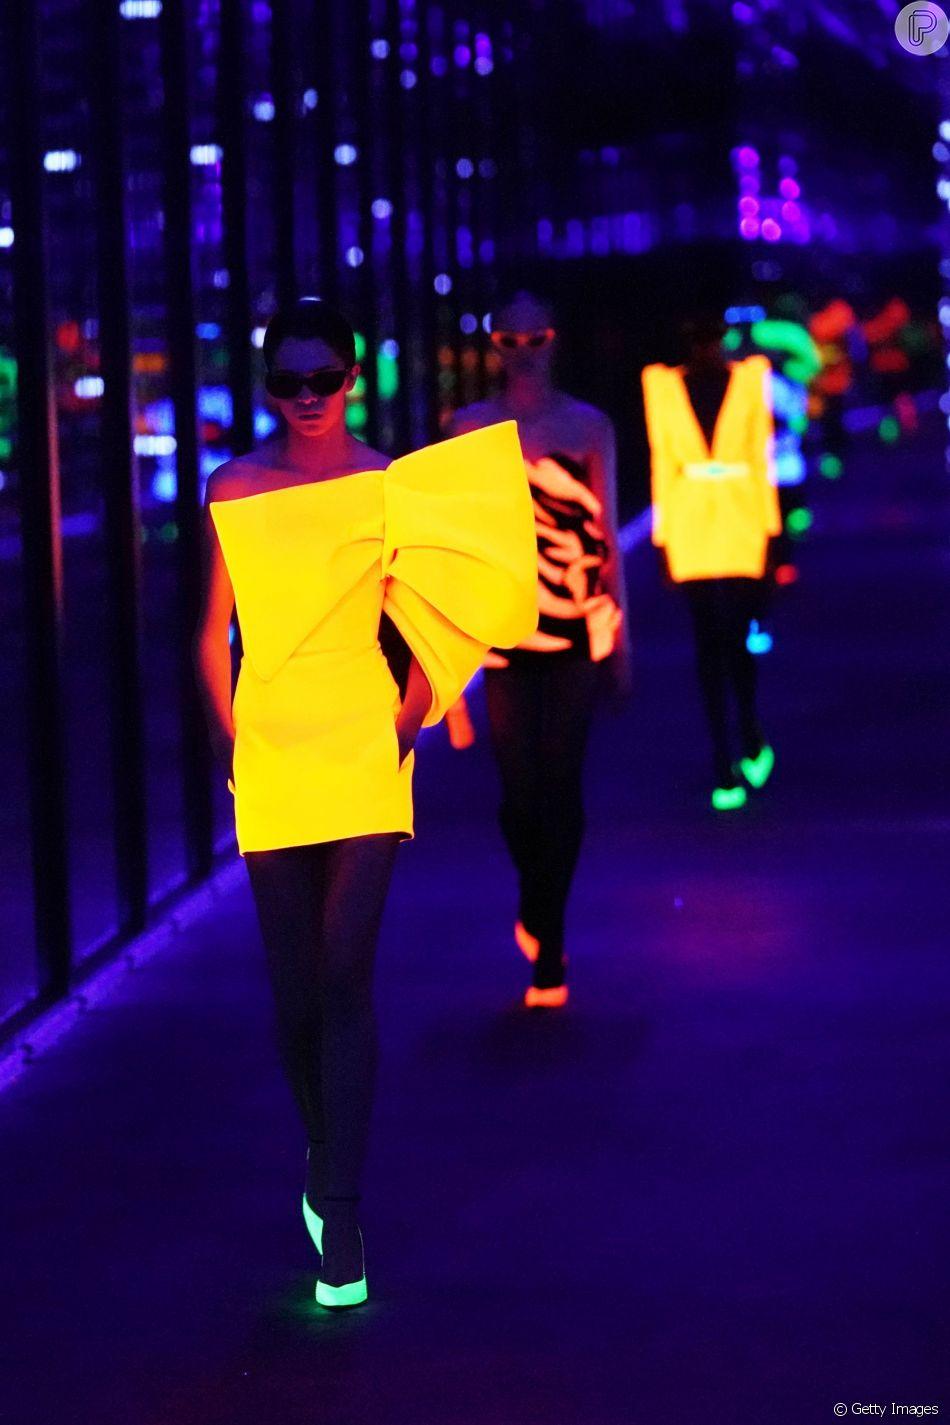 Saint Laurent apostou em looks neon em sua coleção de outono-inverno 2019/20 na Semana de Moda de Paris